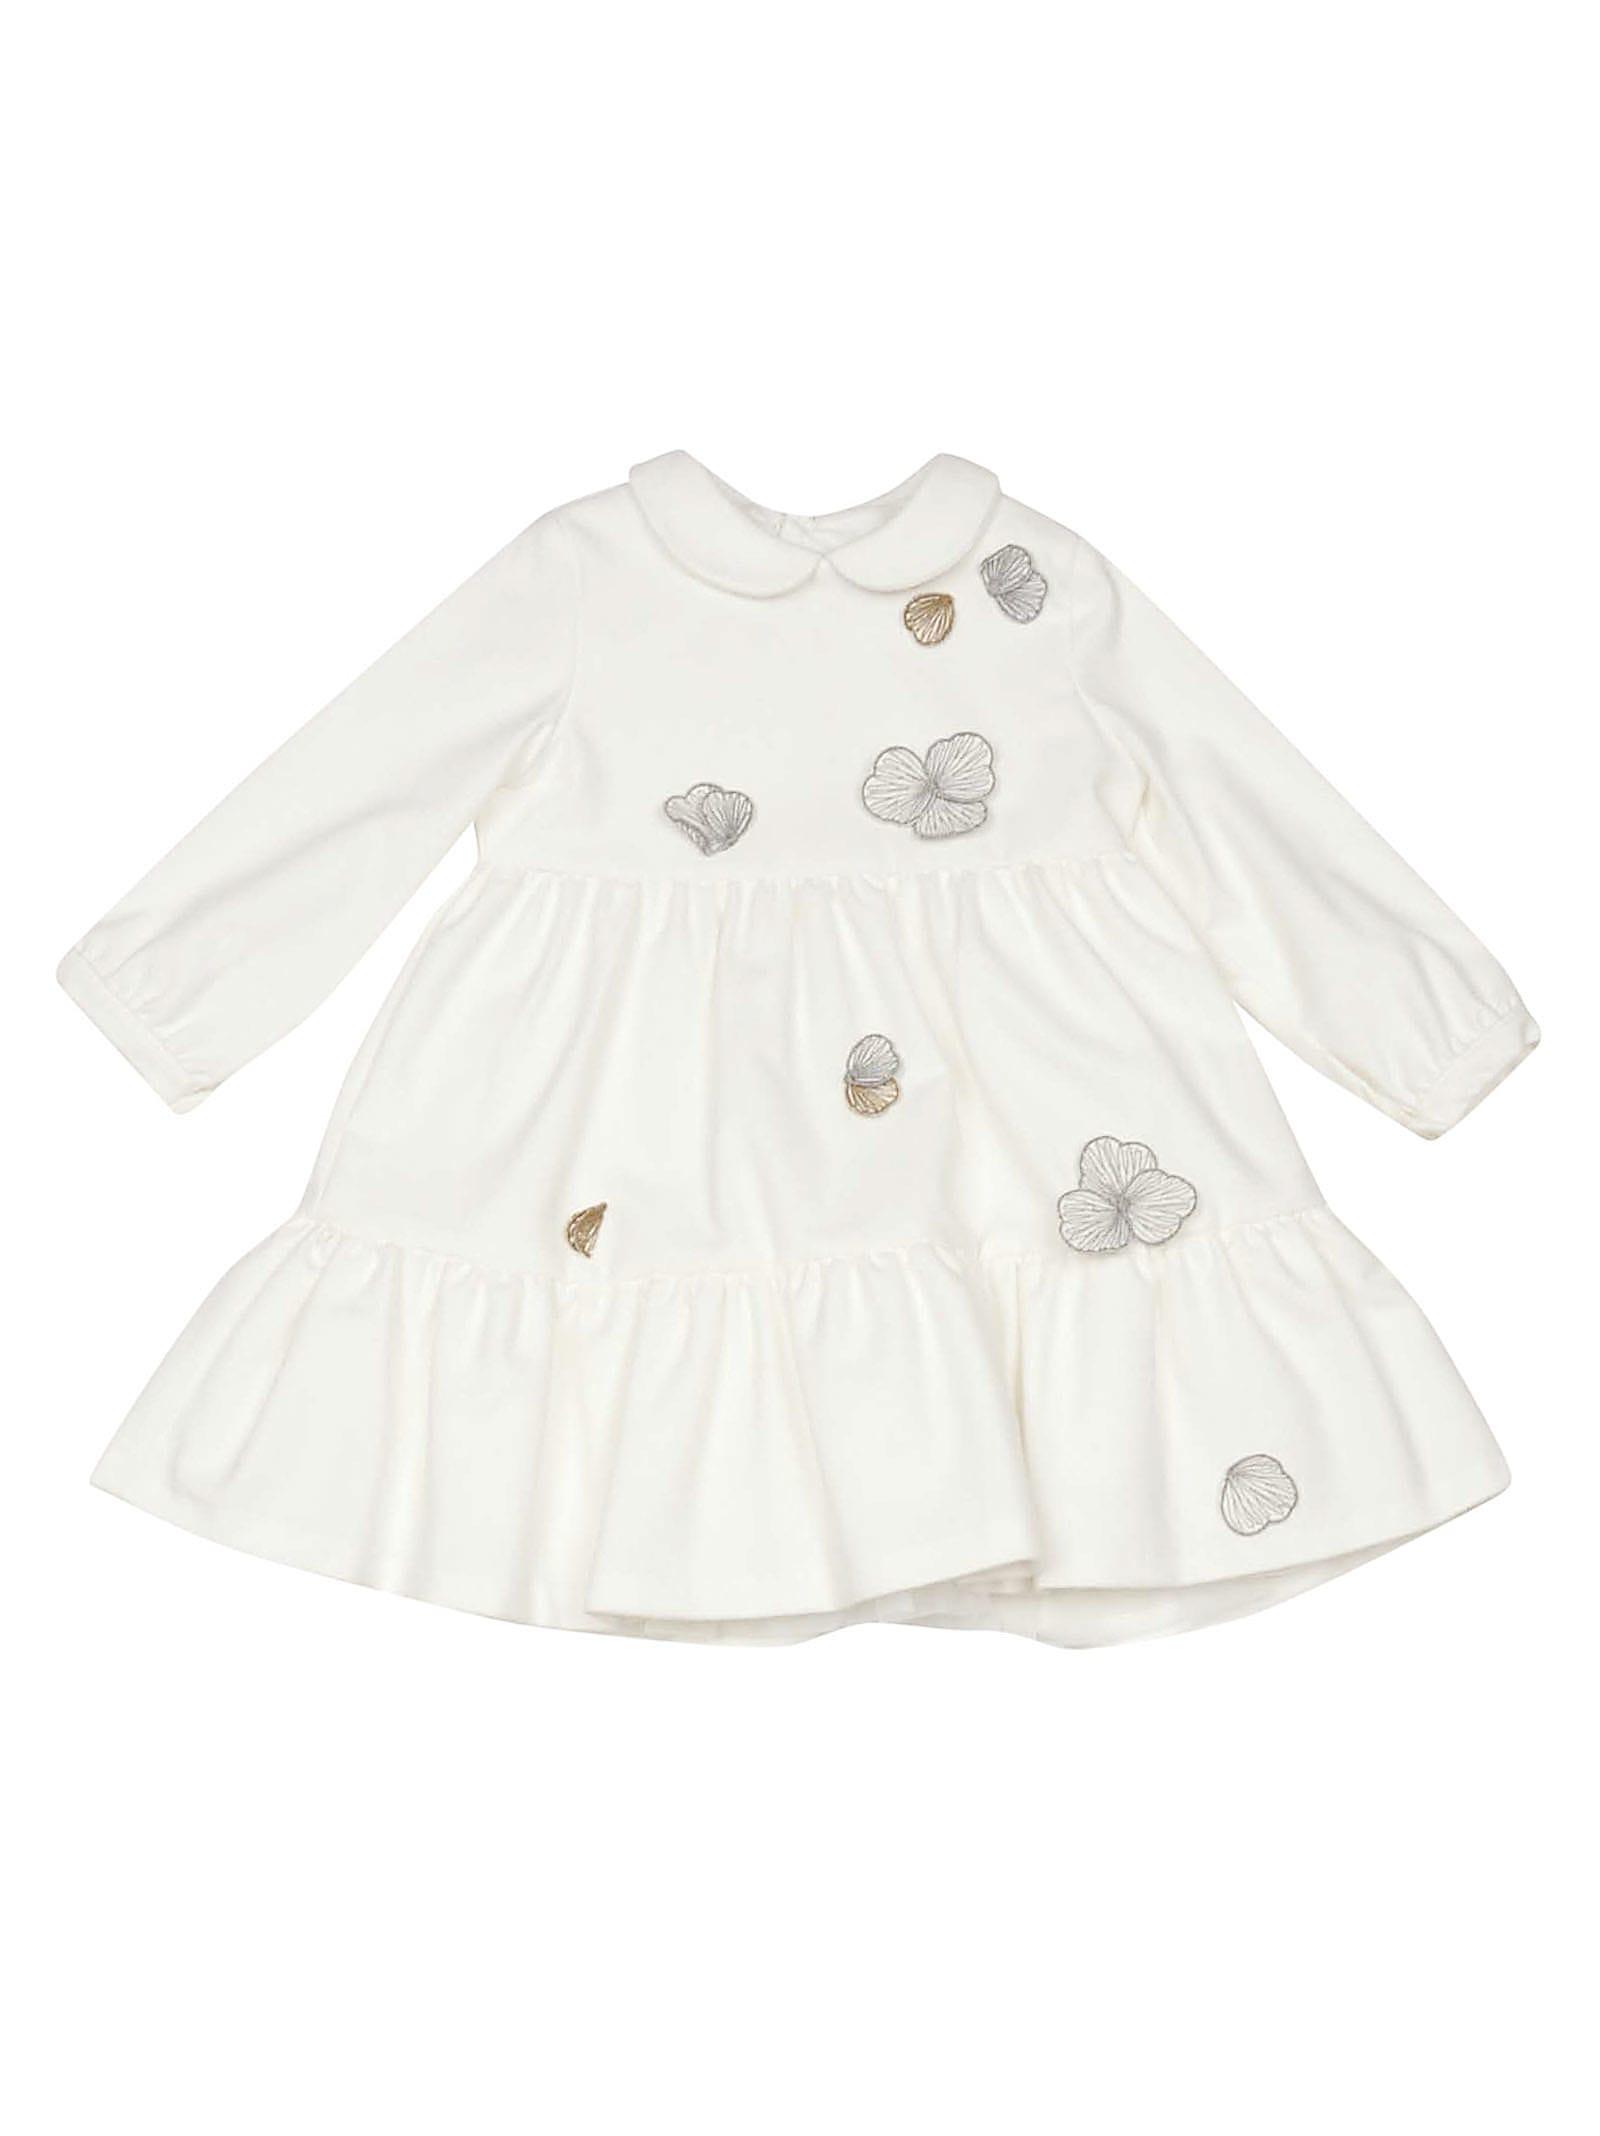 Il Gufo Embroidered Dress